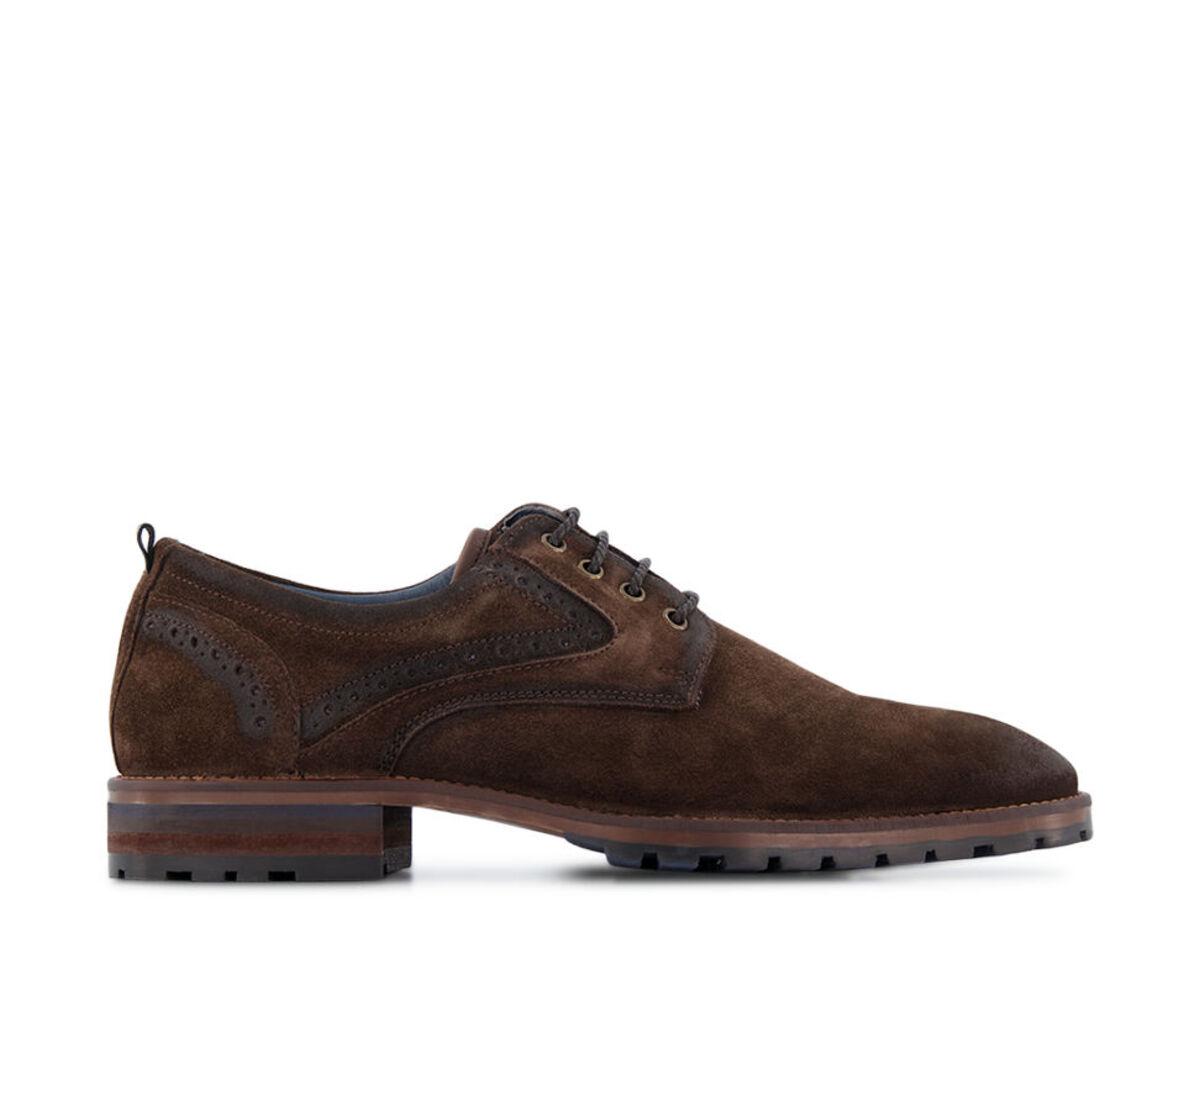 Bild 2 von Varese Business-Schuh